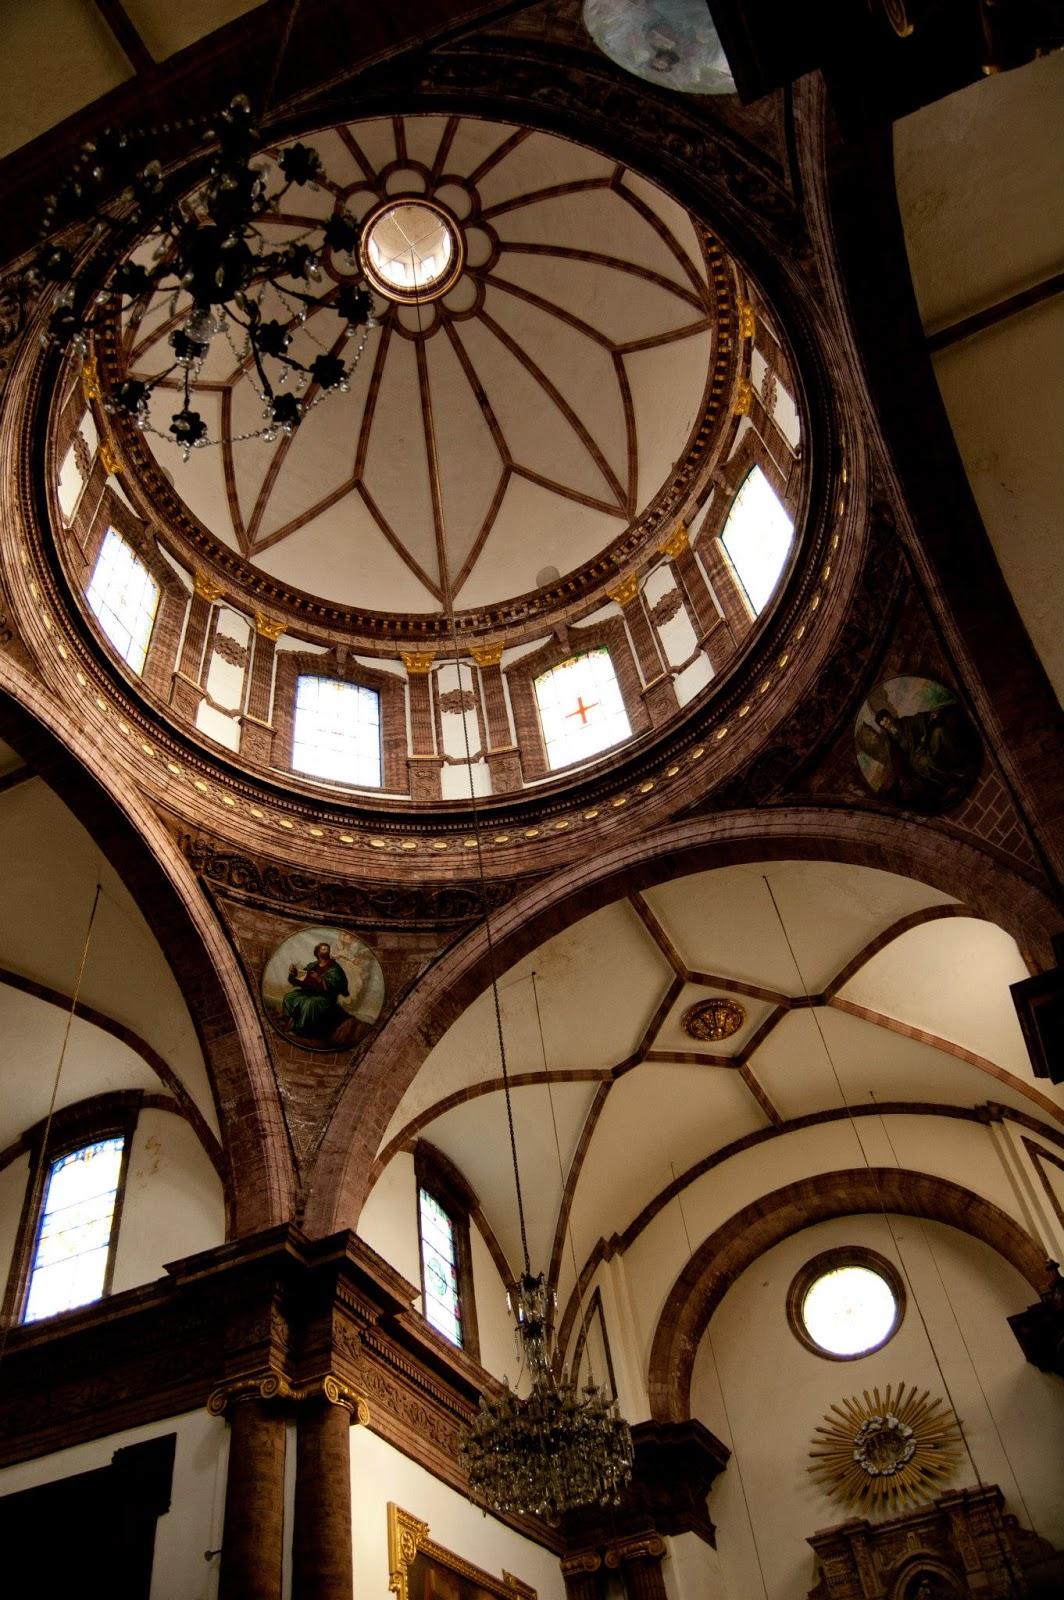 Jaime ramos m ndez c pula interior y nave del crucero de for Catedral de zamora interior